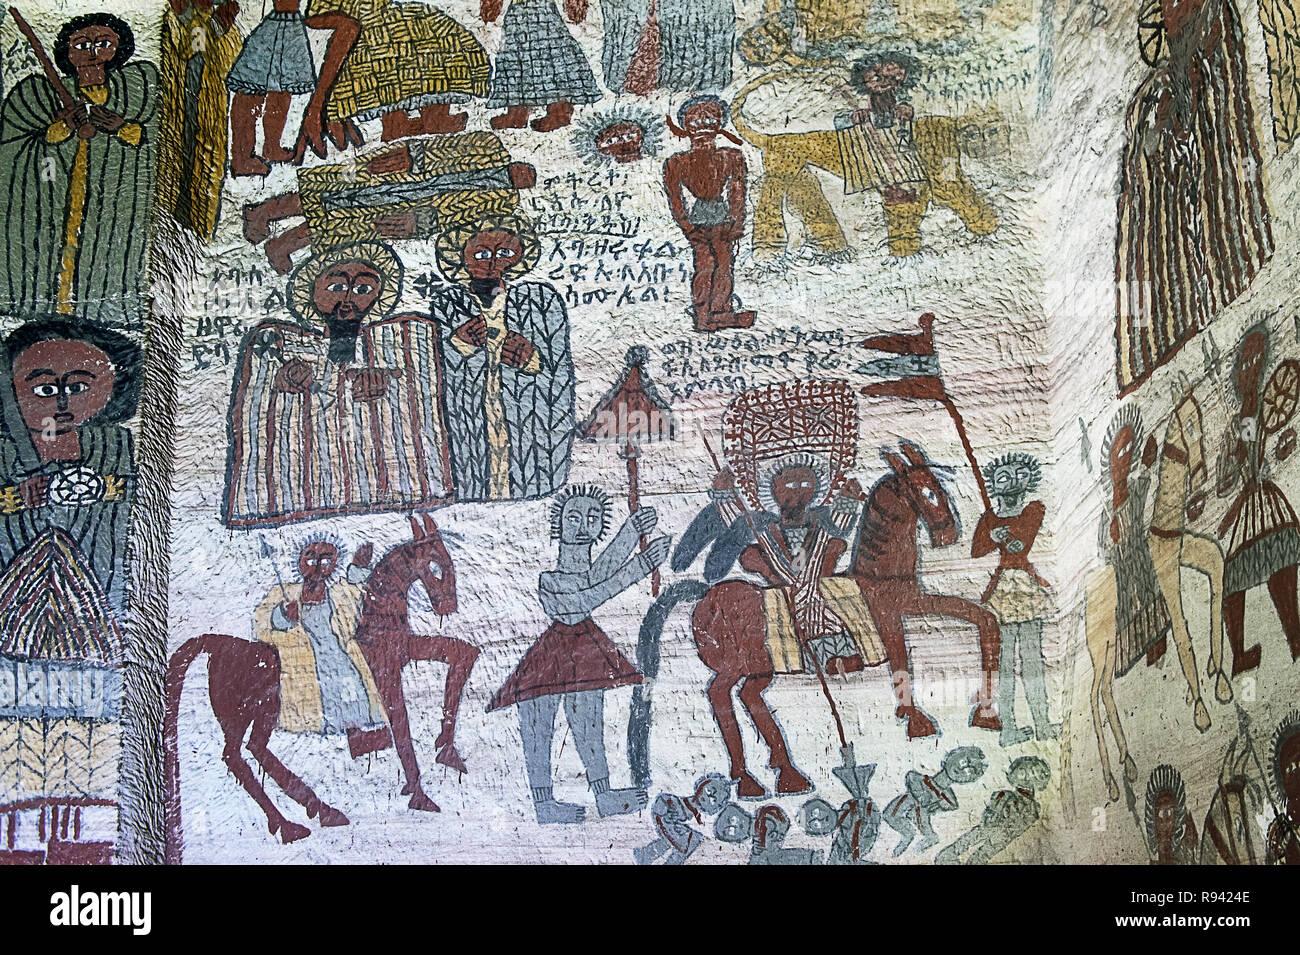 Fresco in the rock-hewn church Yohannes Maequddi, Gheralta region, Tigray, Ethiopia - Stock Image